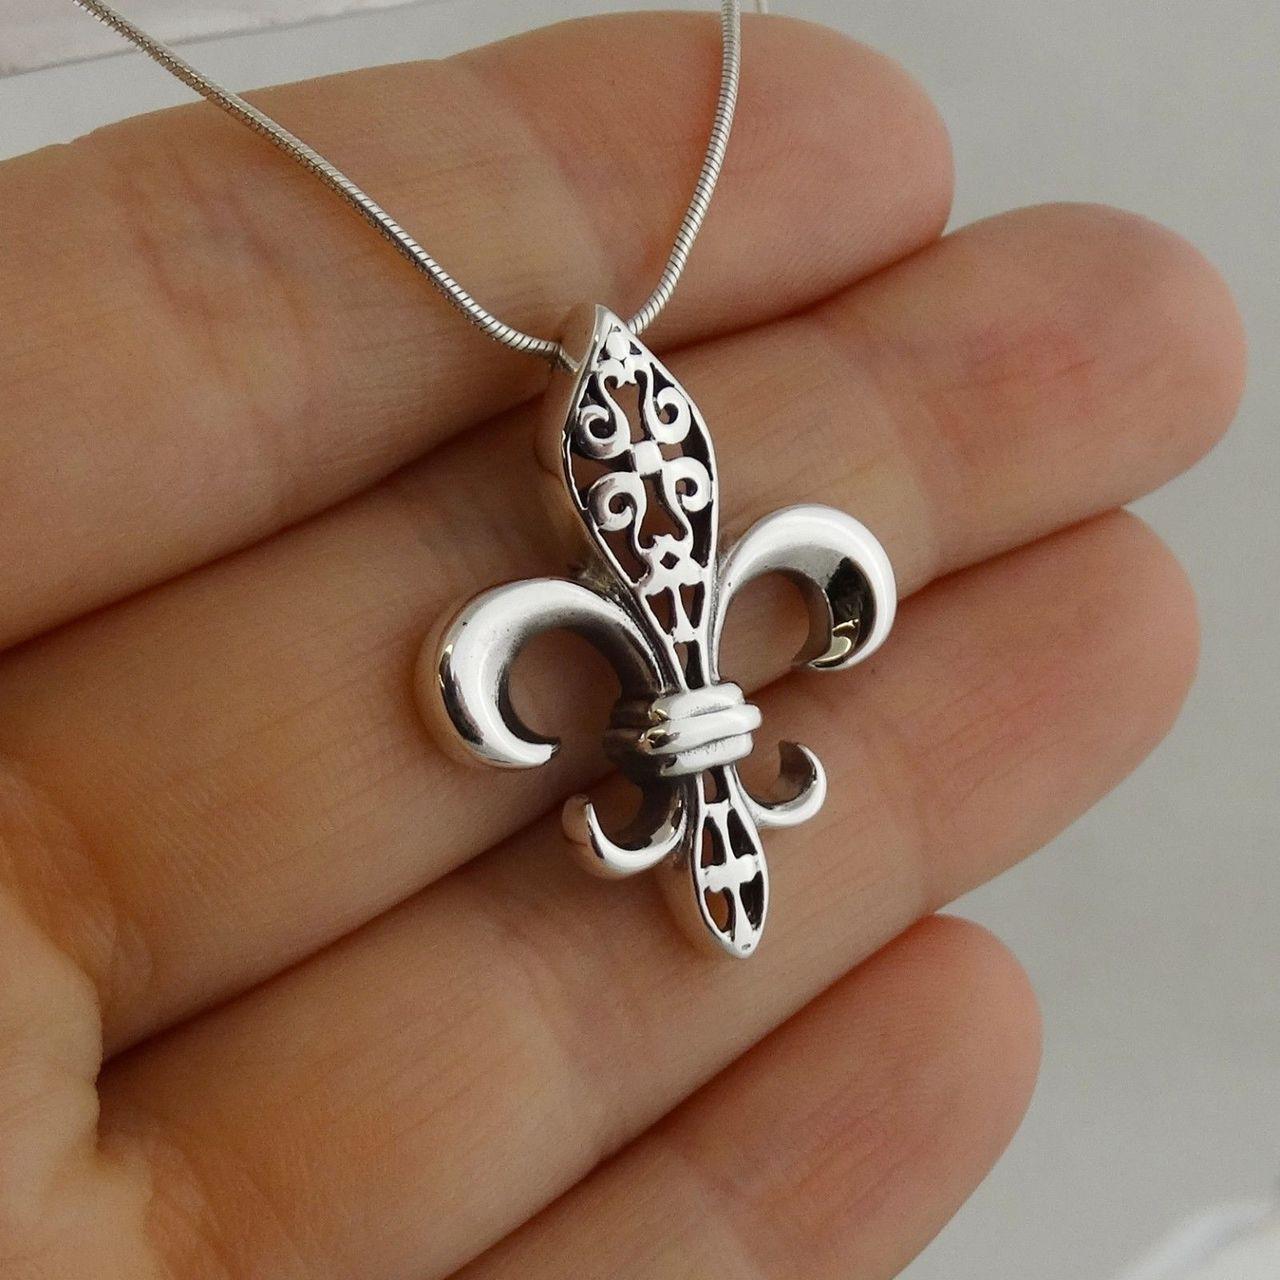 Large fleur de lis pendant necklace 925 sterling silver snake large fleur de lis pendant necklace 925 sterling silver snake chain aloadofball Choice Image